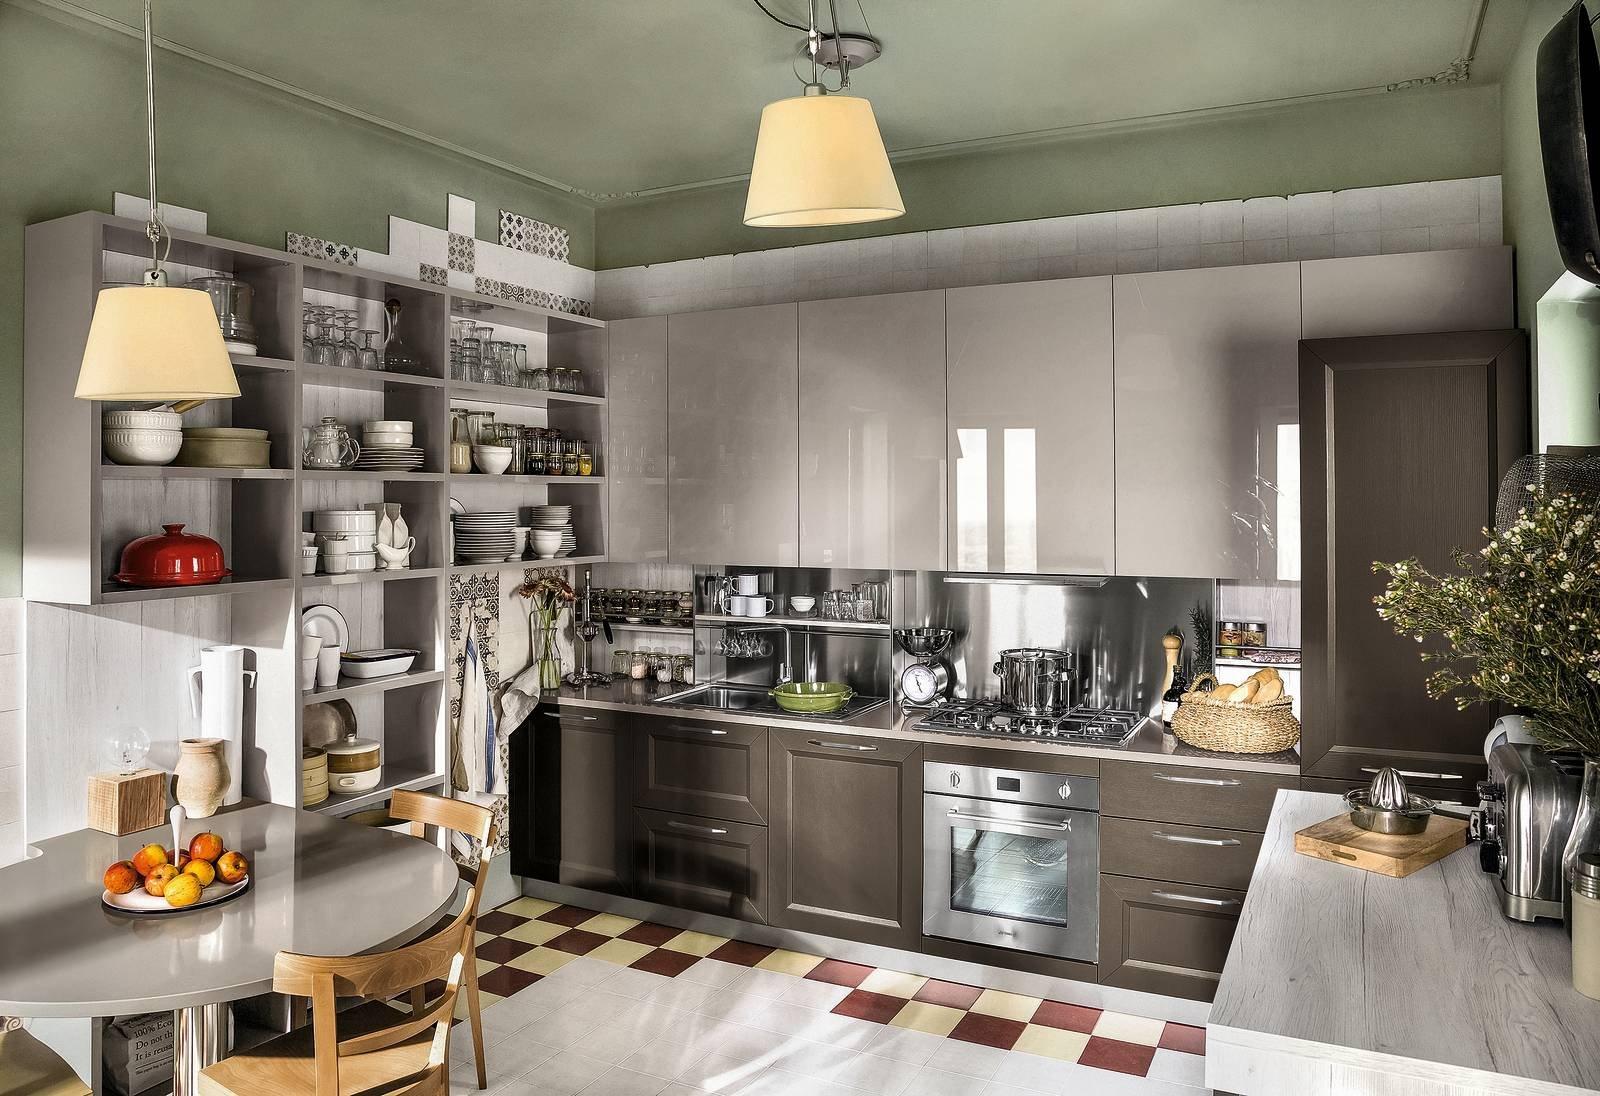 Veneta cucine tablet 86 cucine effetto legno cose di casa - Cucina laminato effetto legno ...